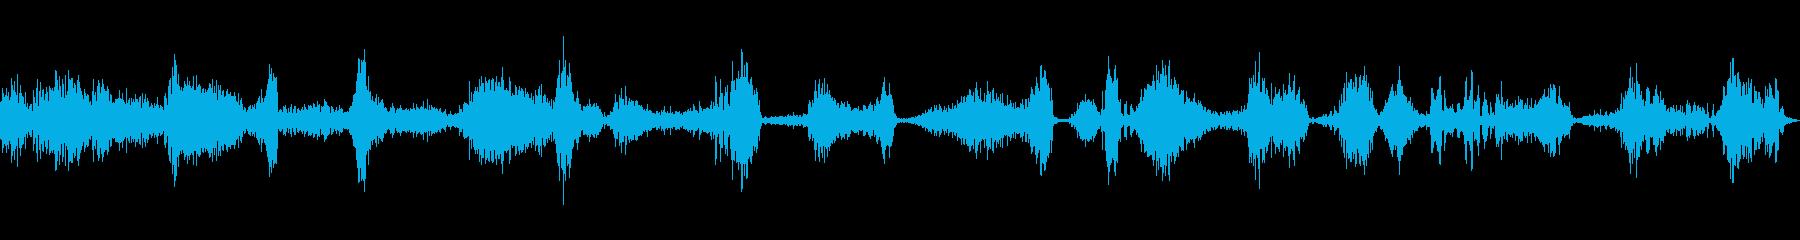 ラジオスキャン3の再生済みの波形